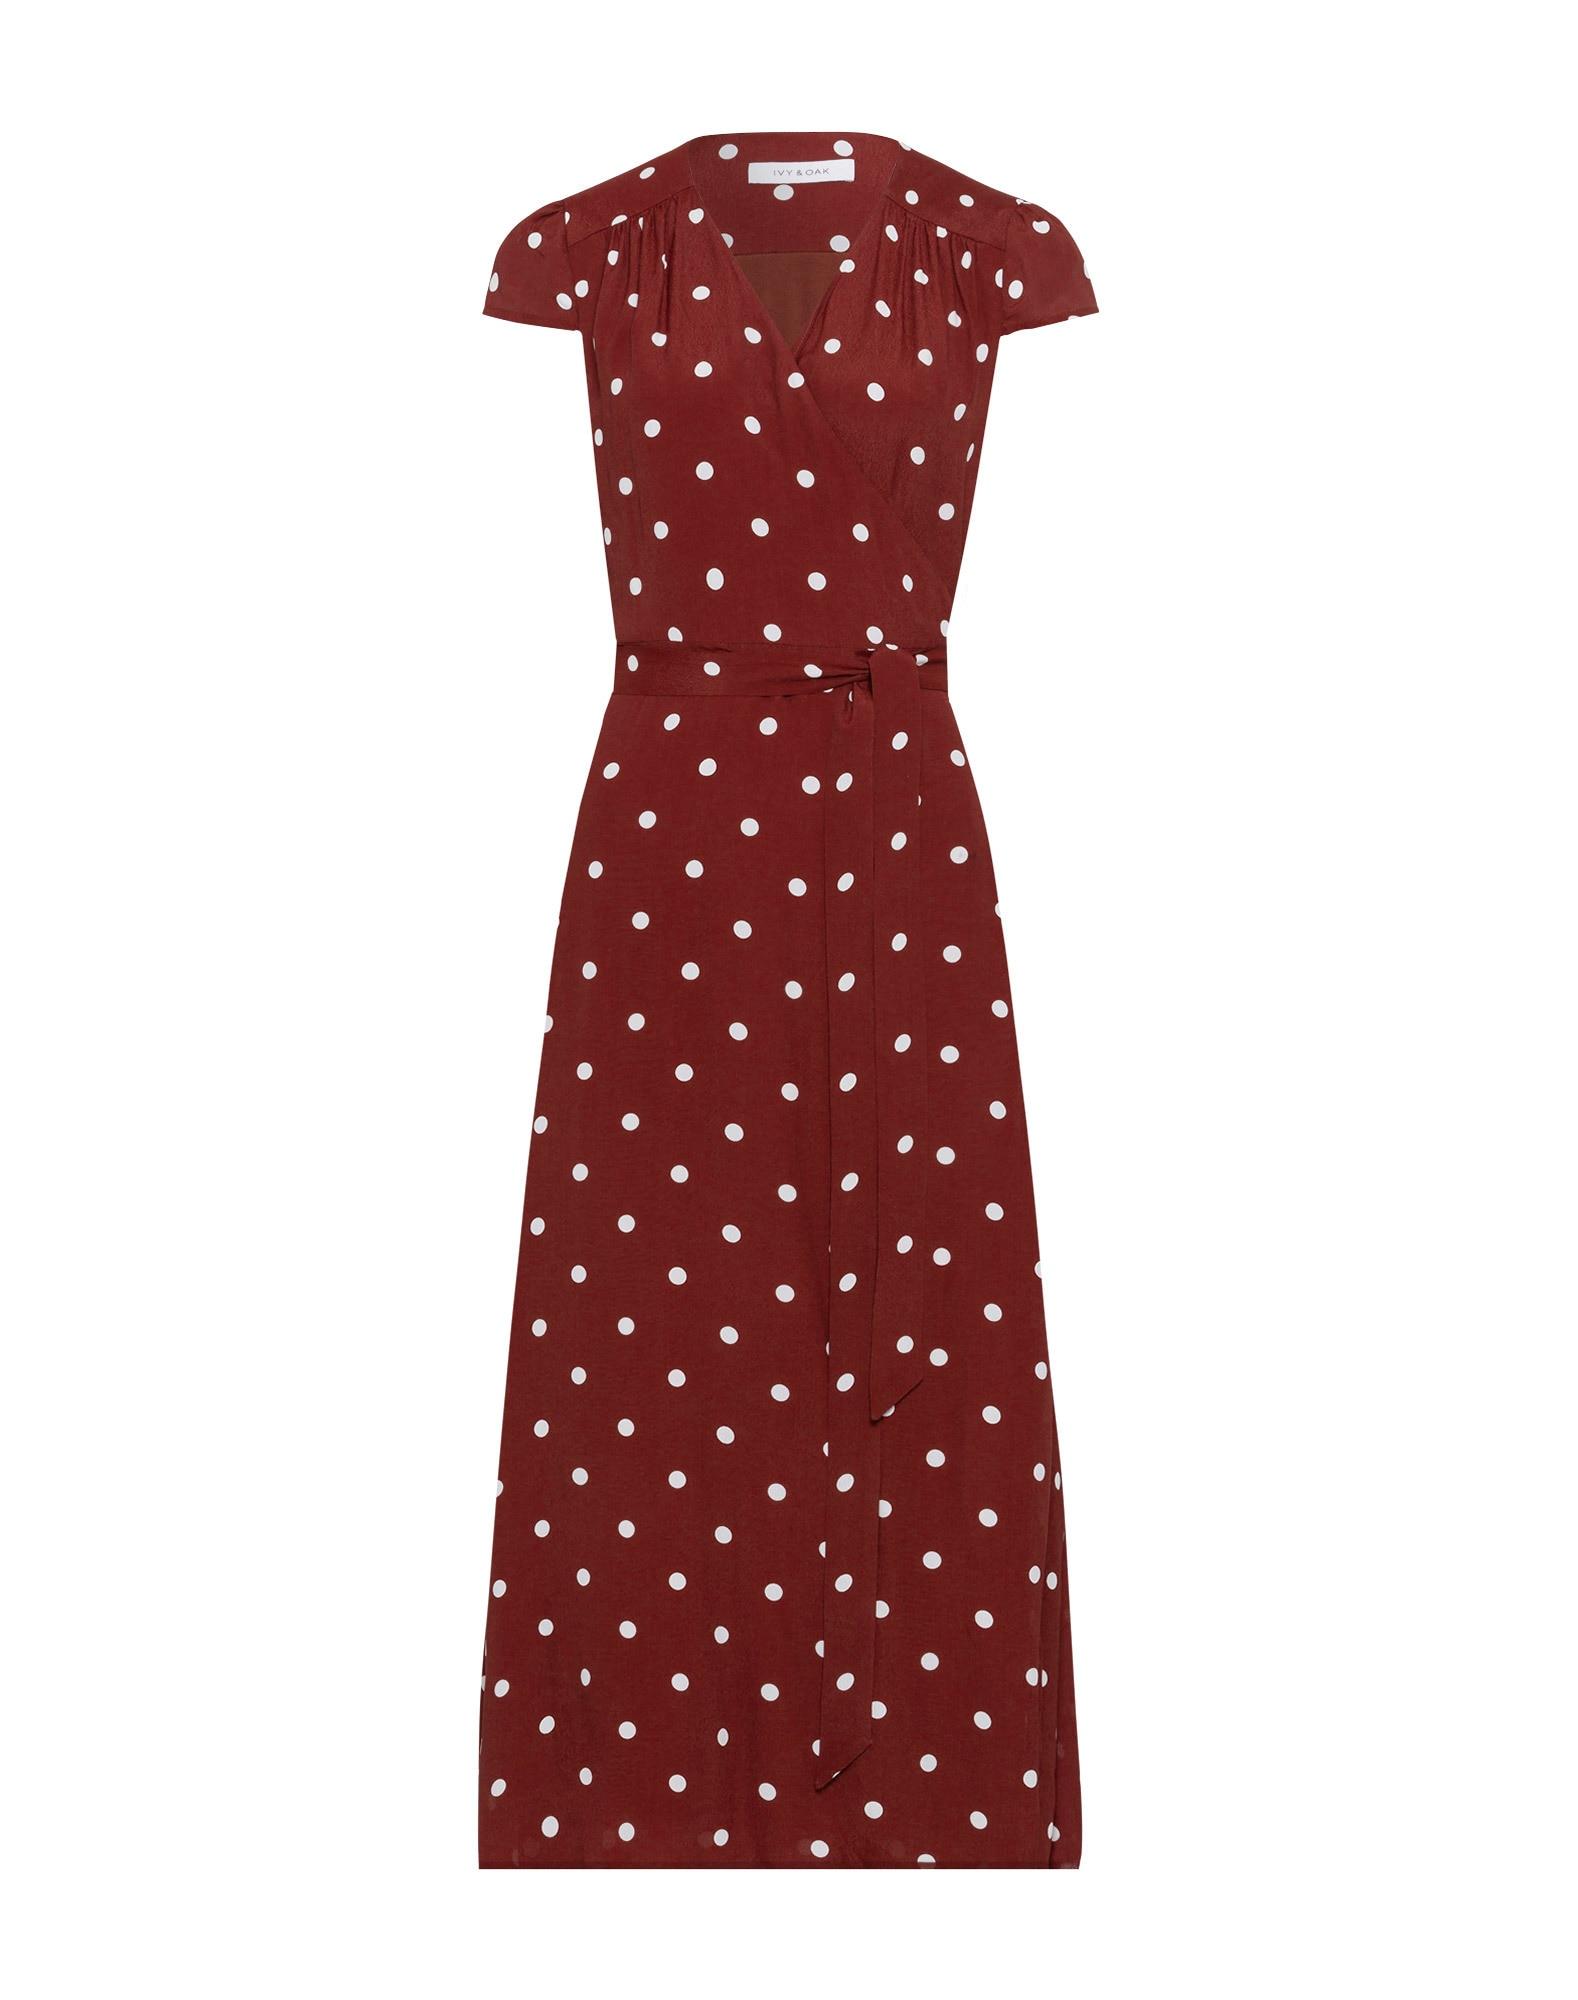 c0ec1976cfeb36 Maxi jurken met lange mouwen dragen  Vind inspiratie op Jurken.com!